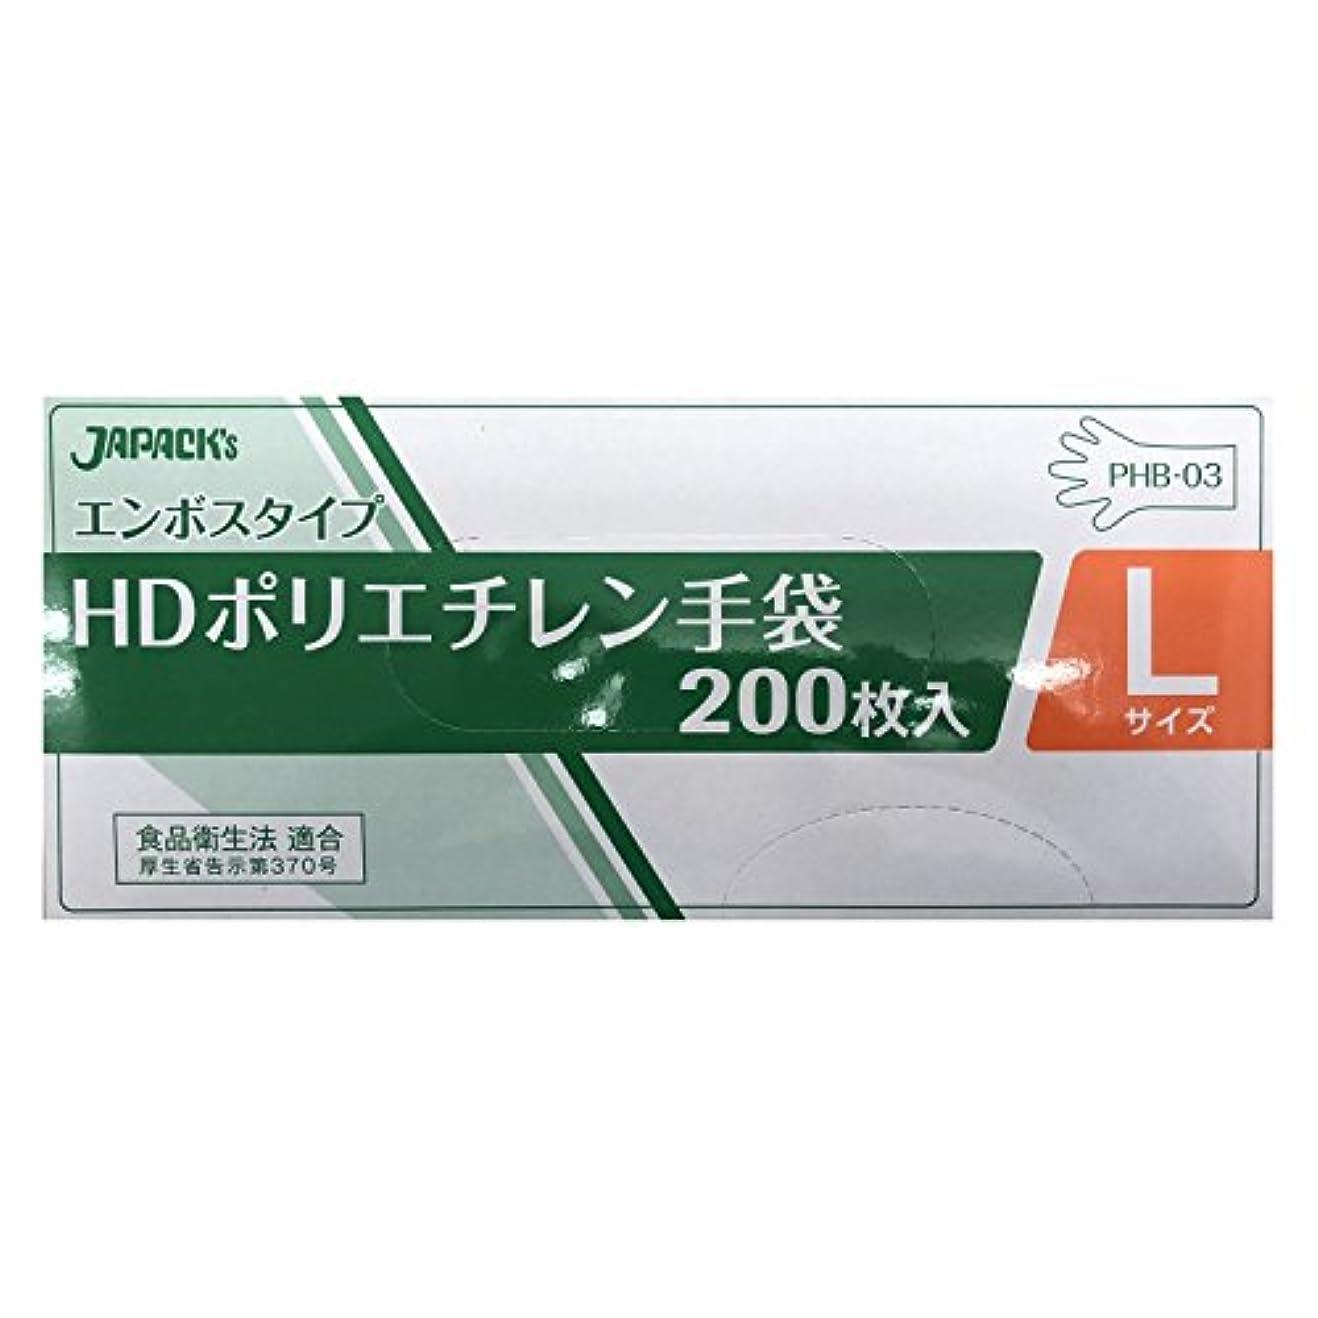 自我西部正確エンボスタイプ HDポリエチレン手袋 Lサイズ BOX 200枚入 無着色 PHB-03